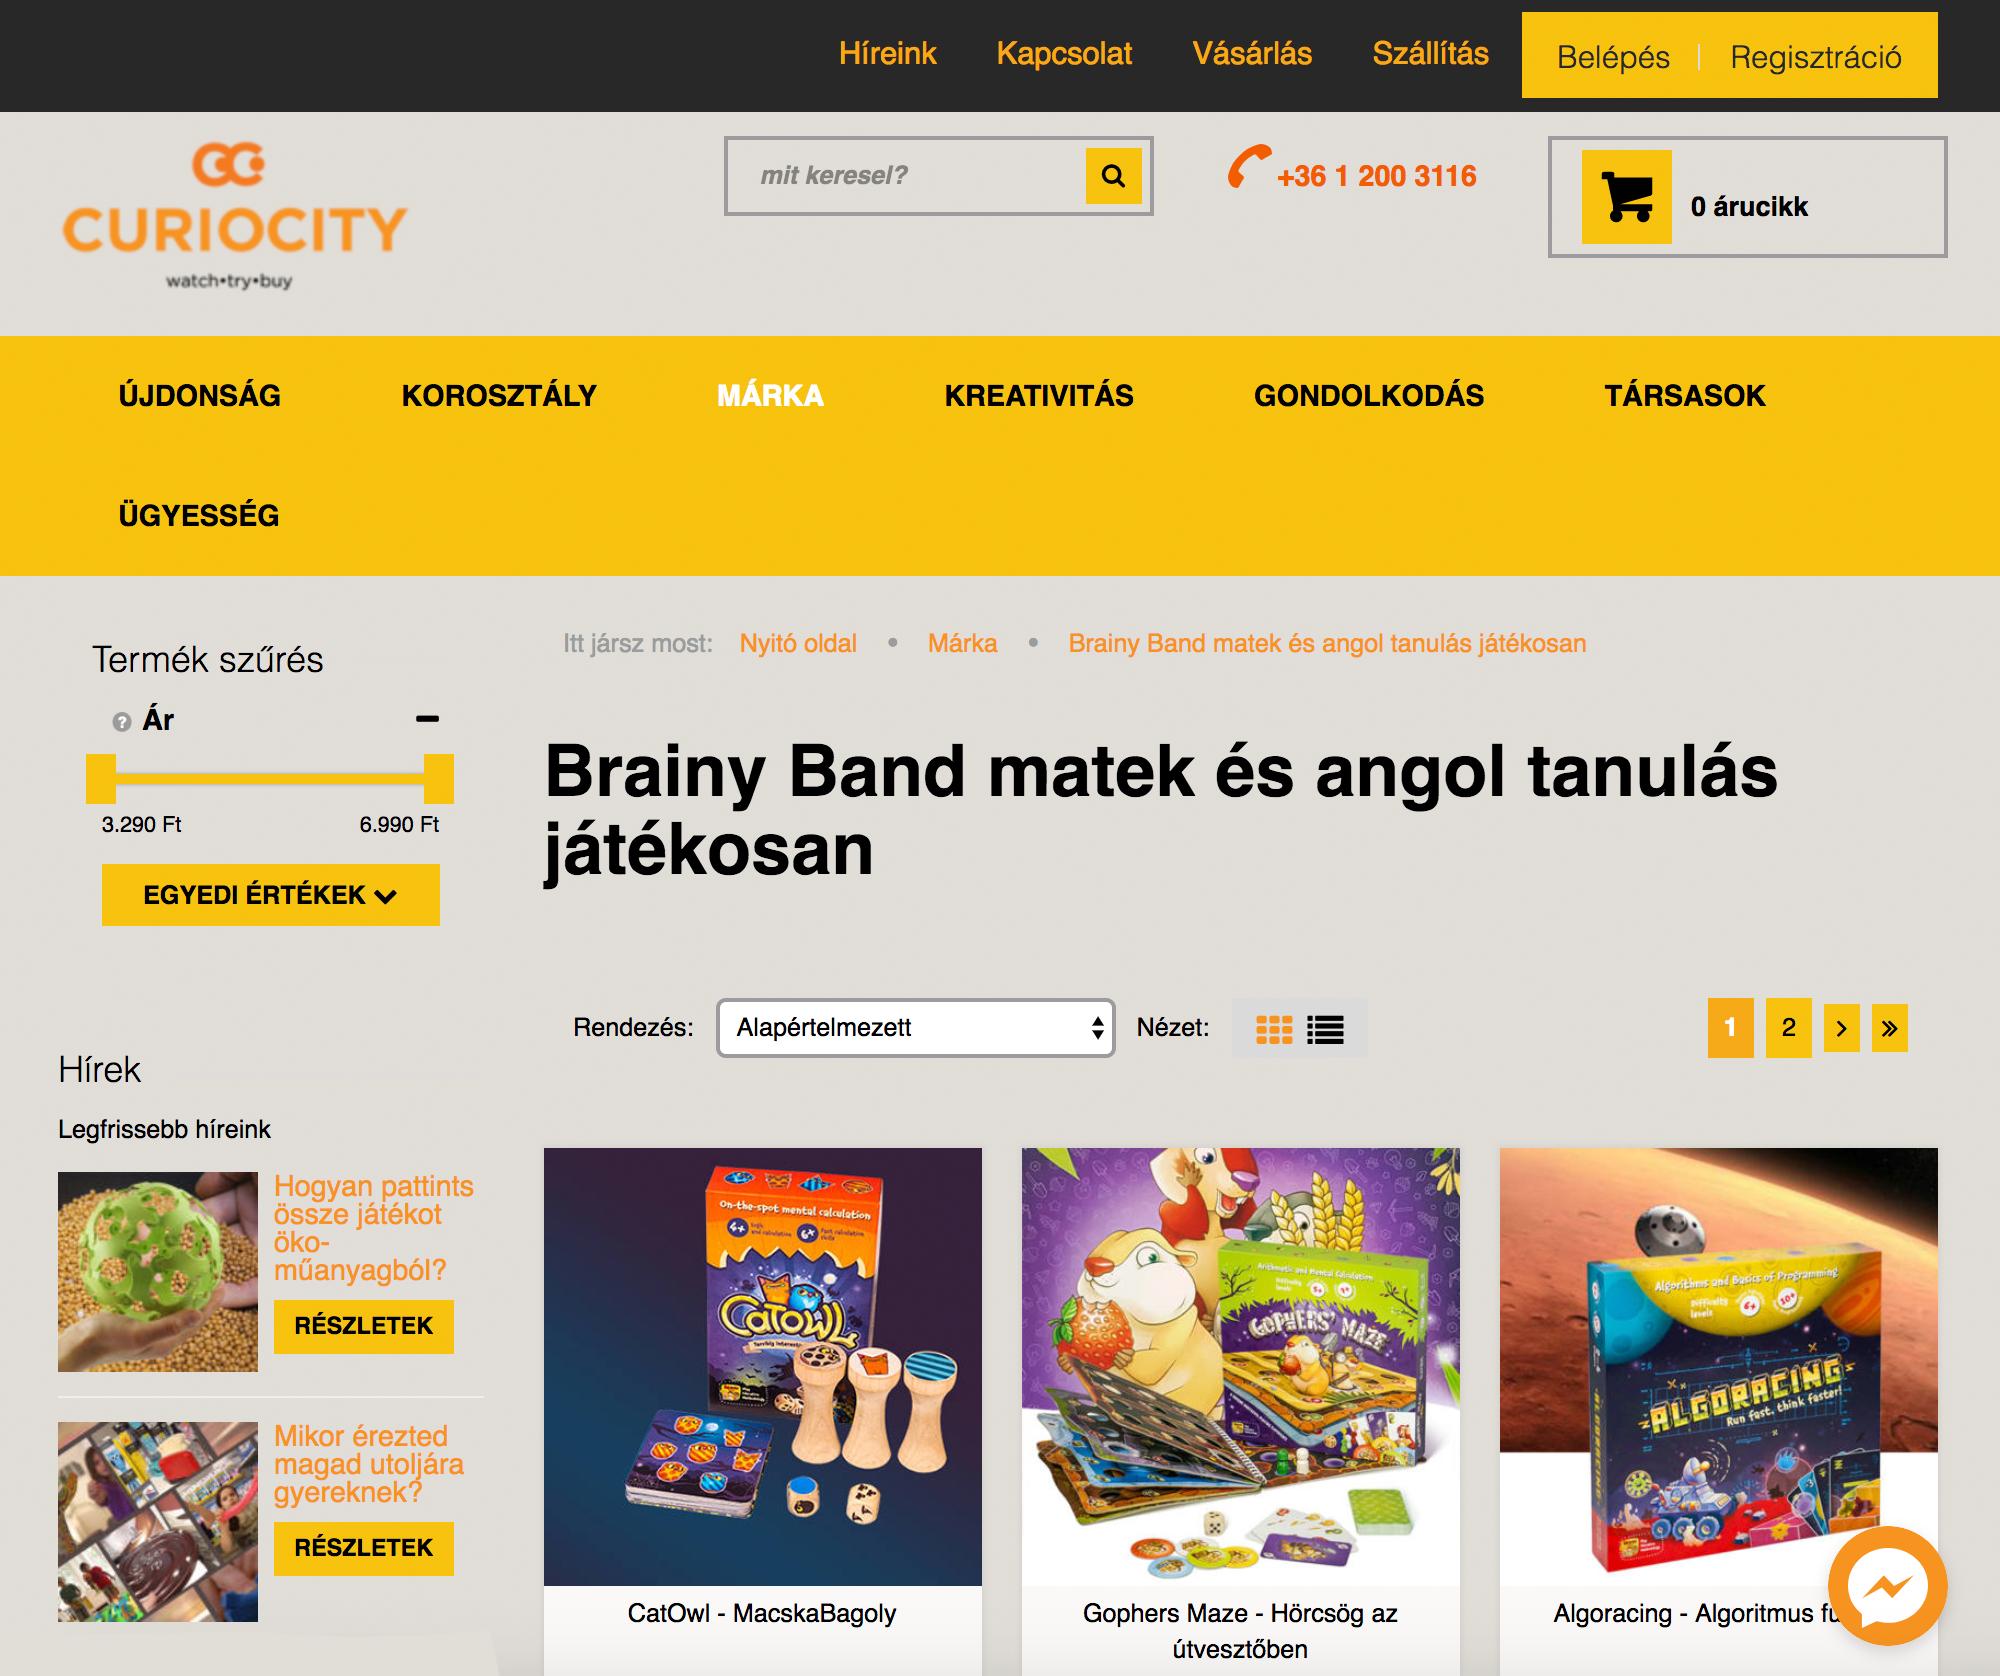 Игры «Банды» в венгерском интернет-магазине